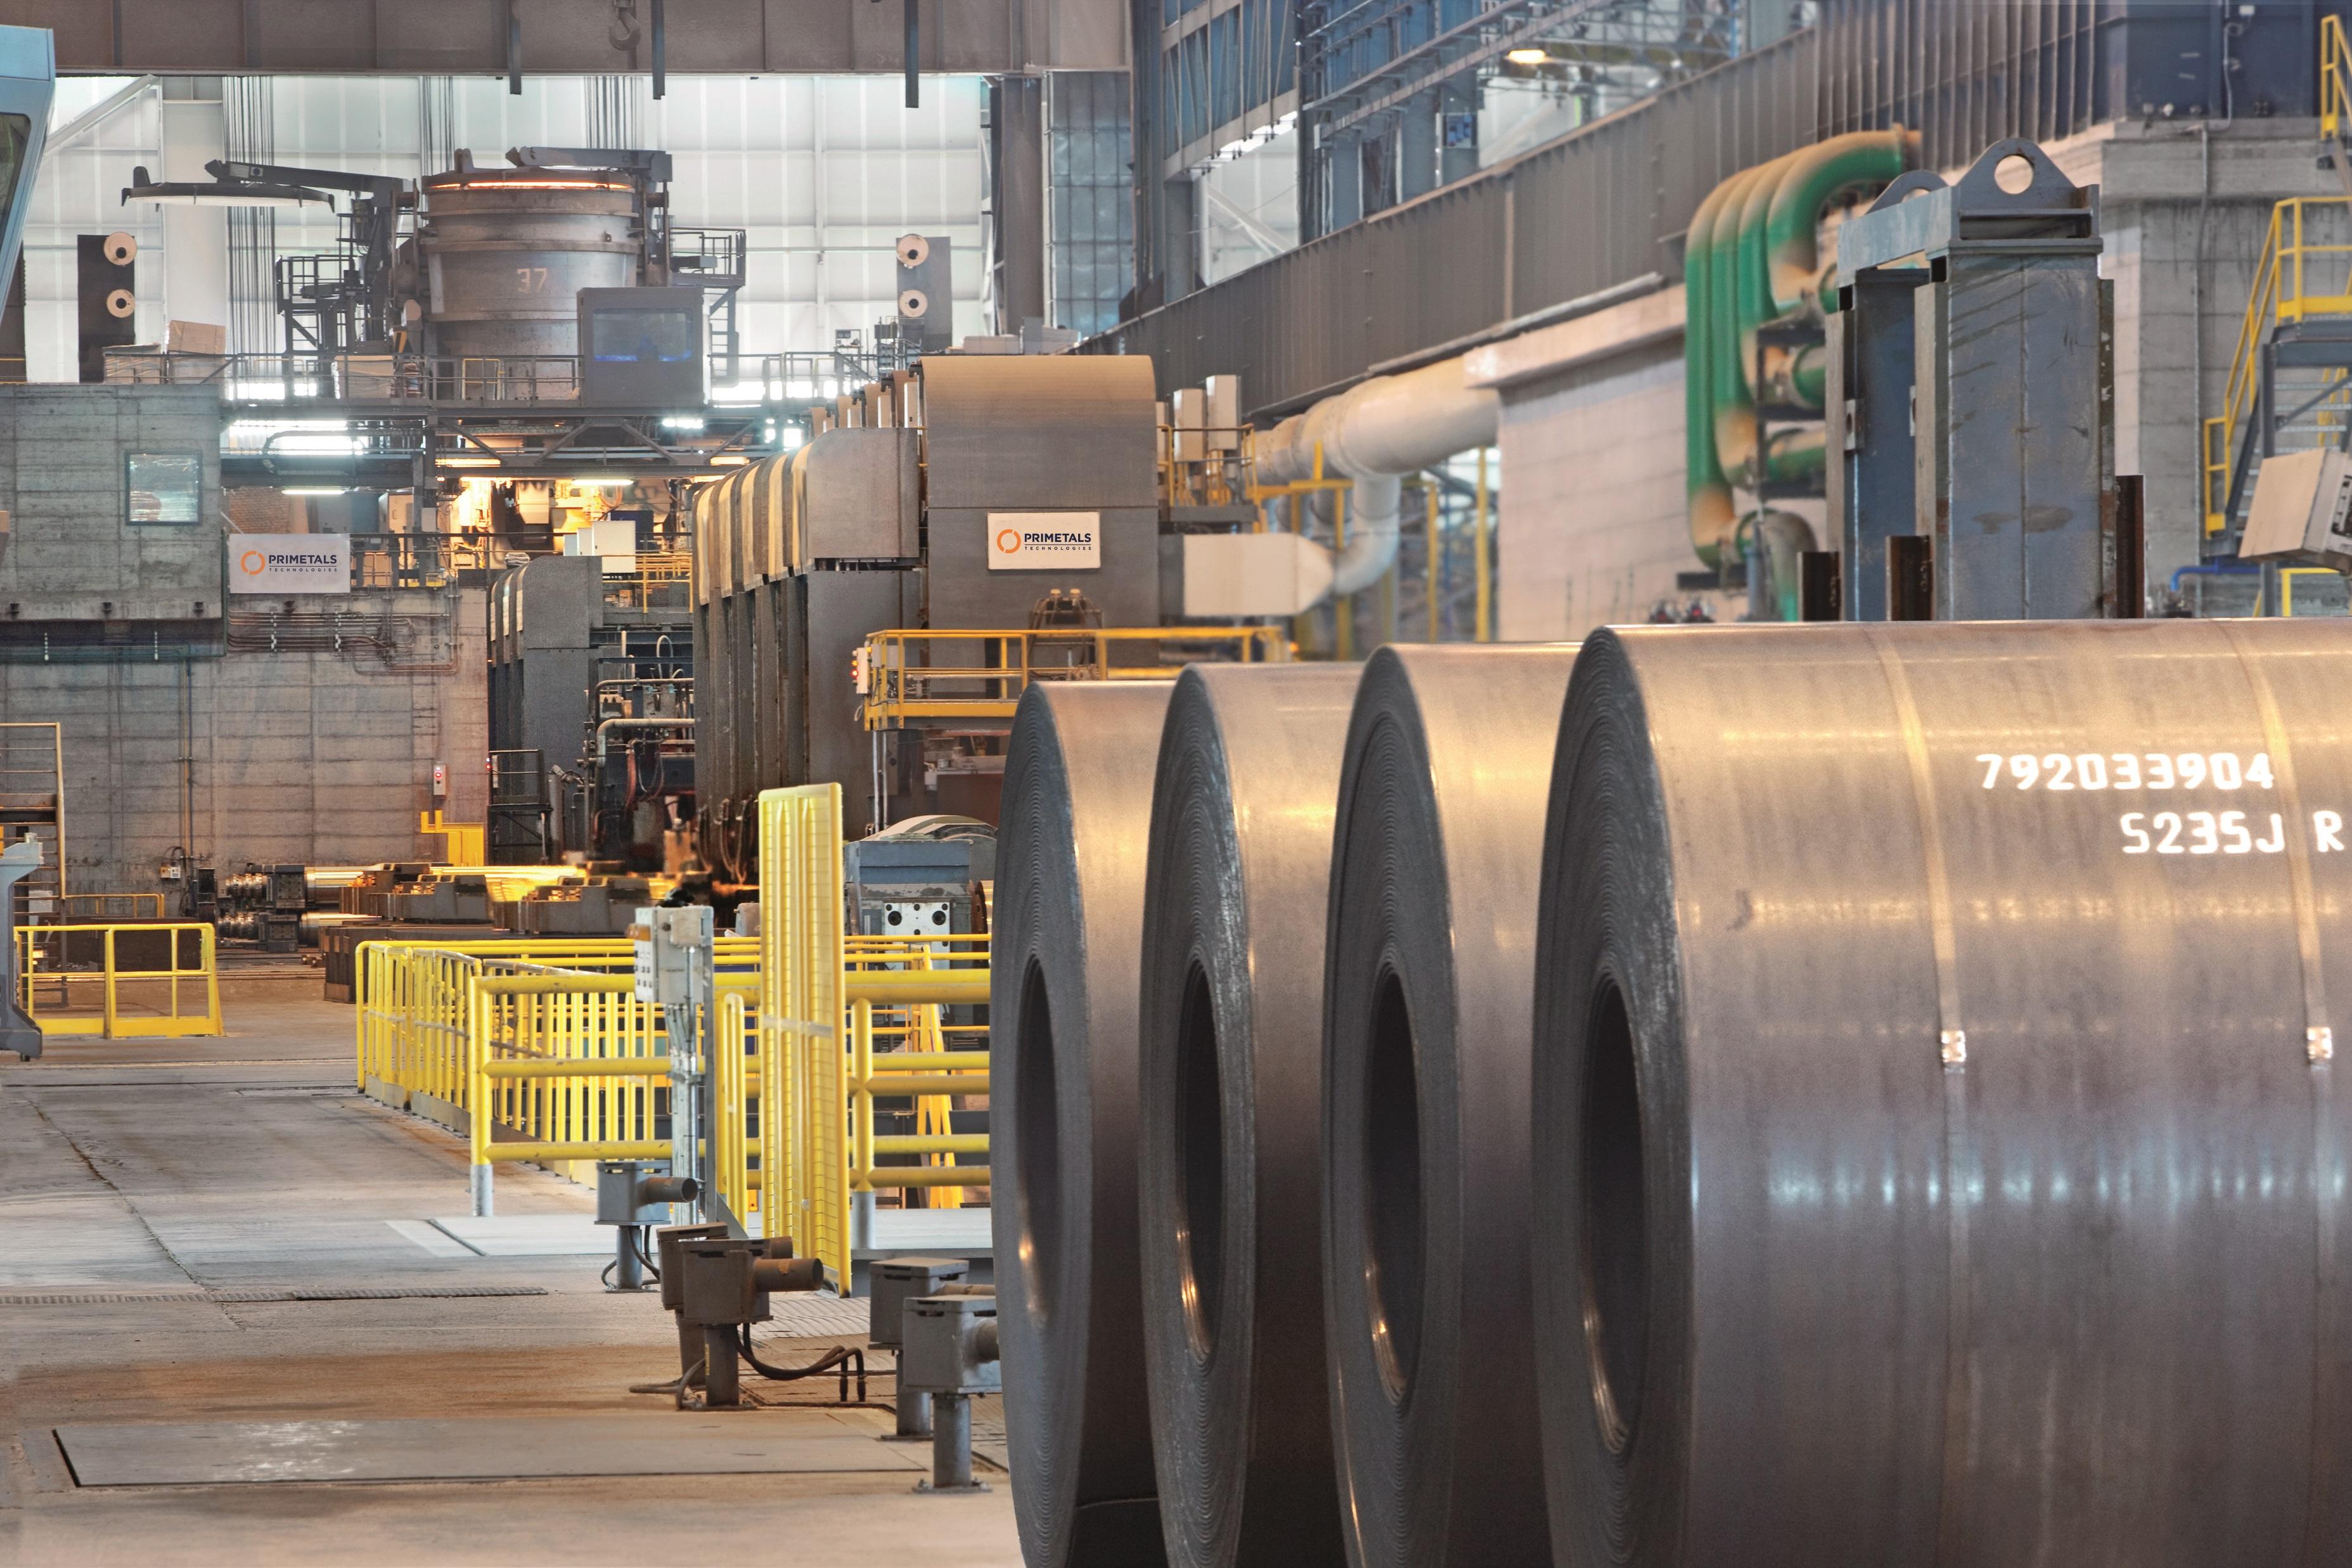 Mm Integrated Steel Mills Ltd